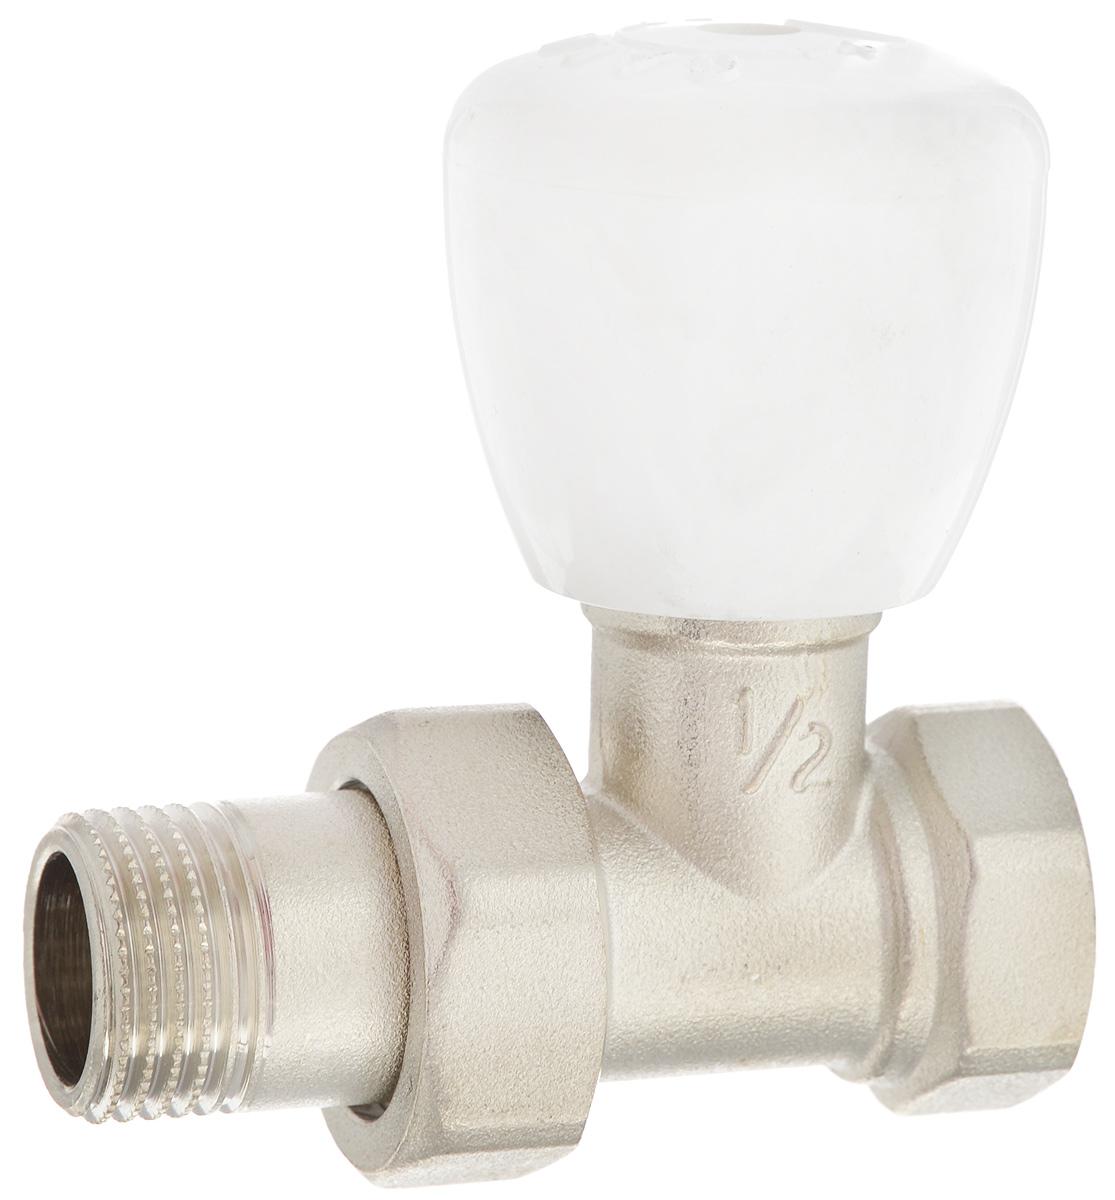 """Клапан """"Fornara"""" -  это ручной радиаторный клапан, устанавливаемый на подаче радиаторов или теплообменников в системах водяного отопления. Предназначен для ручной регулировки количества поступающего в отопительный прибор теплоносителя. Клапан позволяет полностью перекрывать поток. Подключение клапана к отопительному прибору производится с помощью закладной детали и полусгона."""